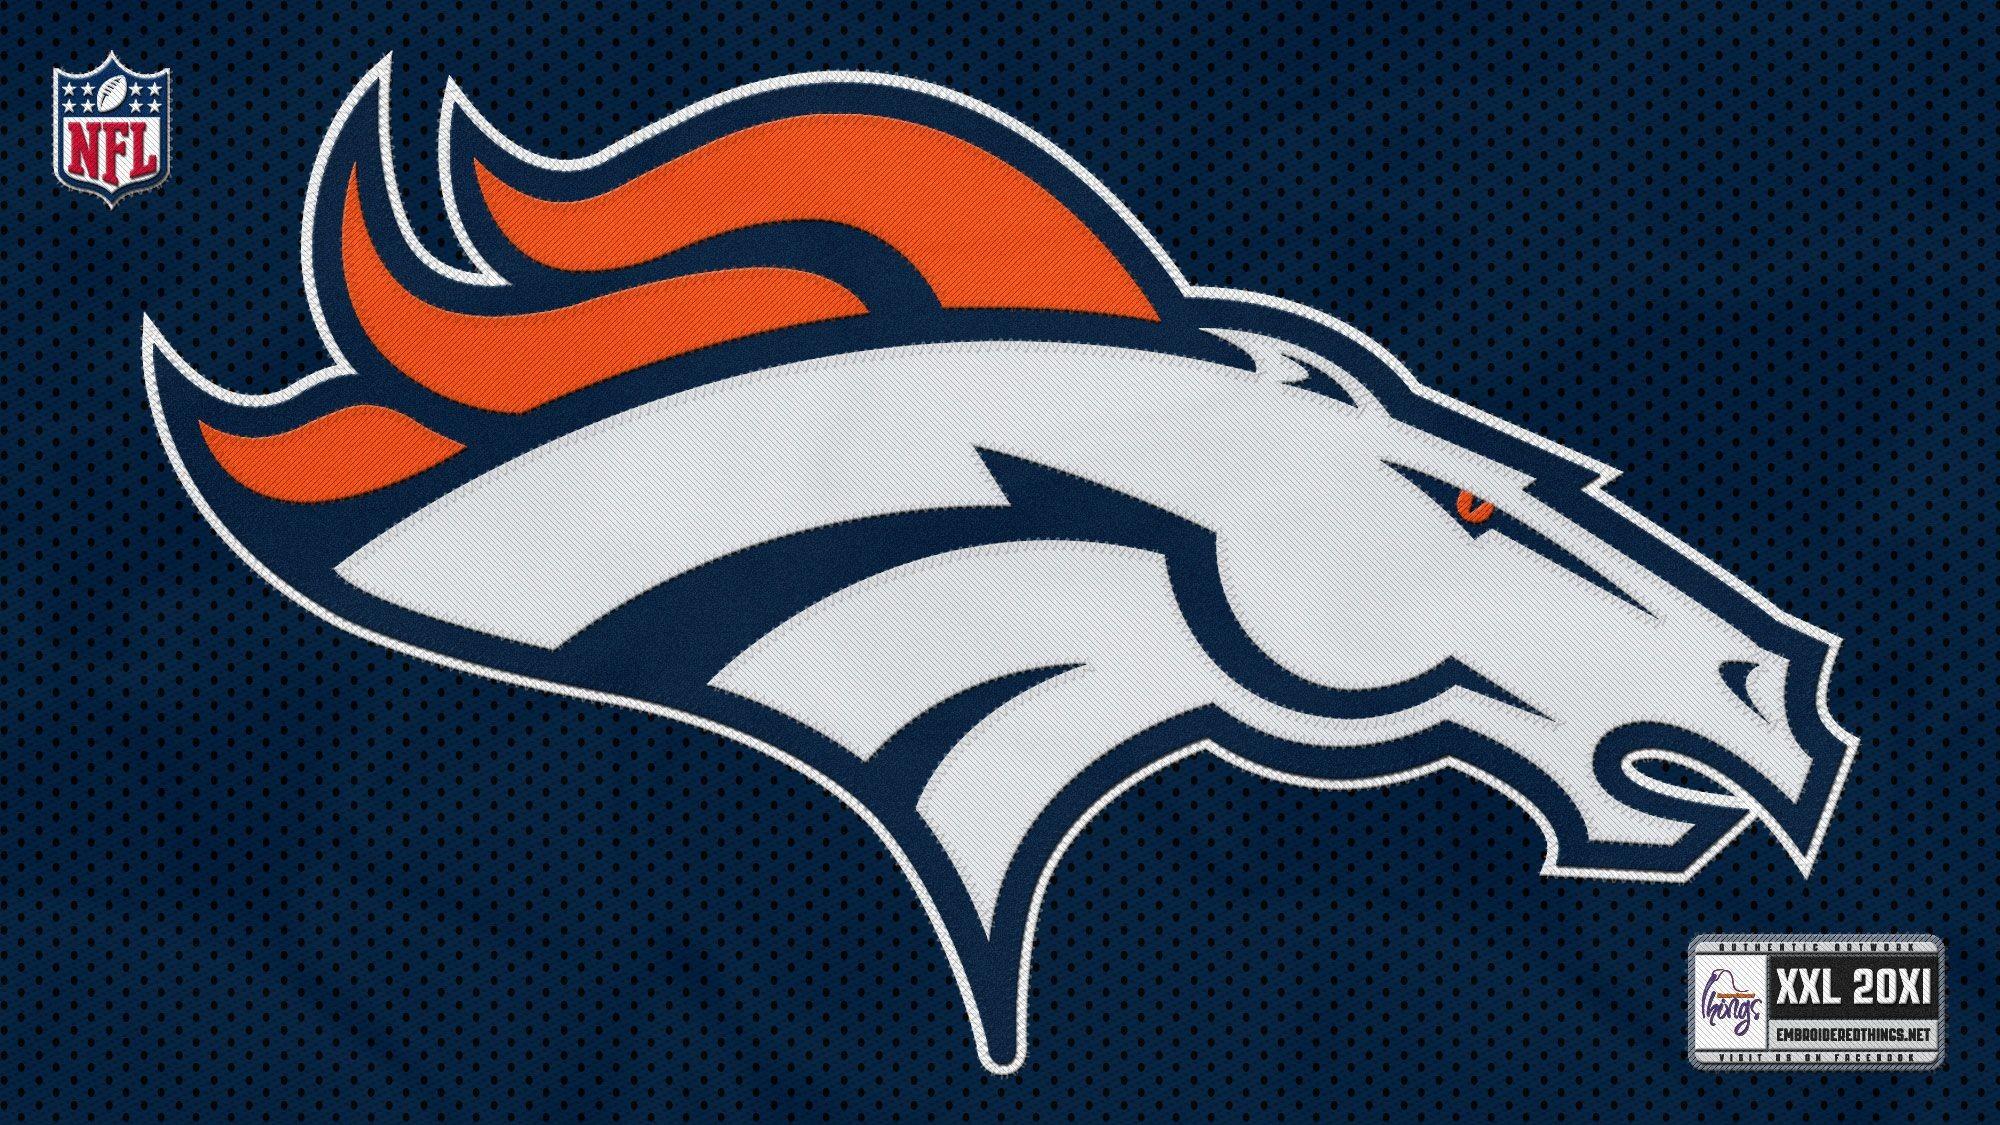 Denver Broncos Wallpaper Free